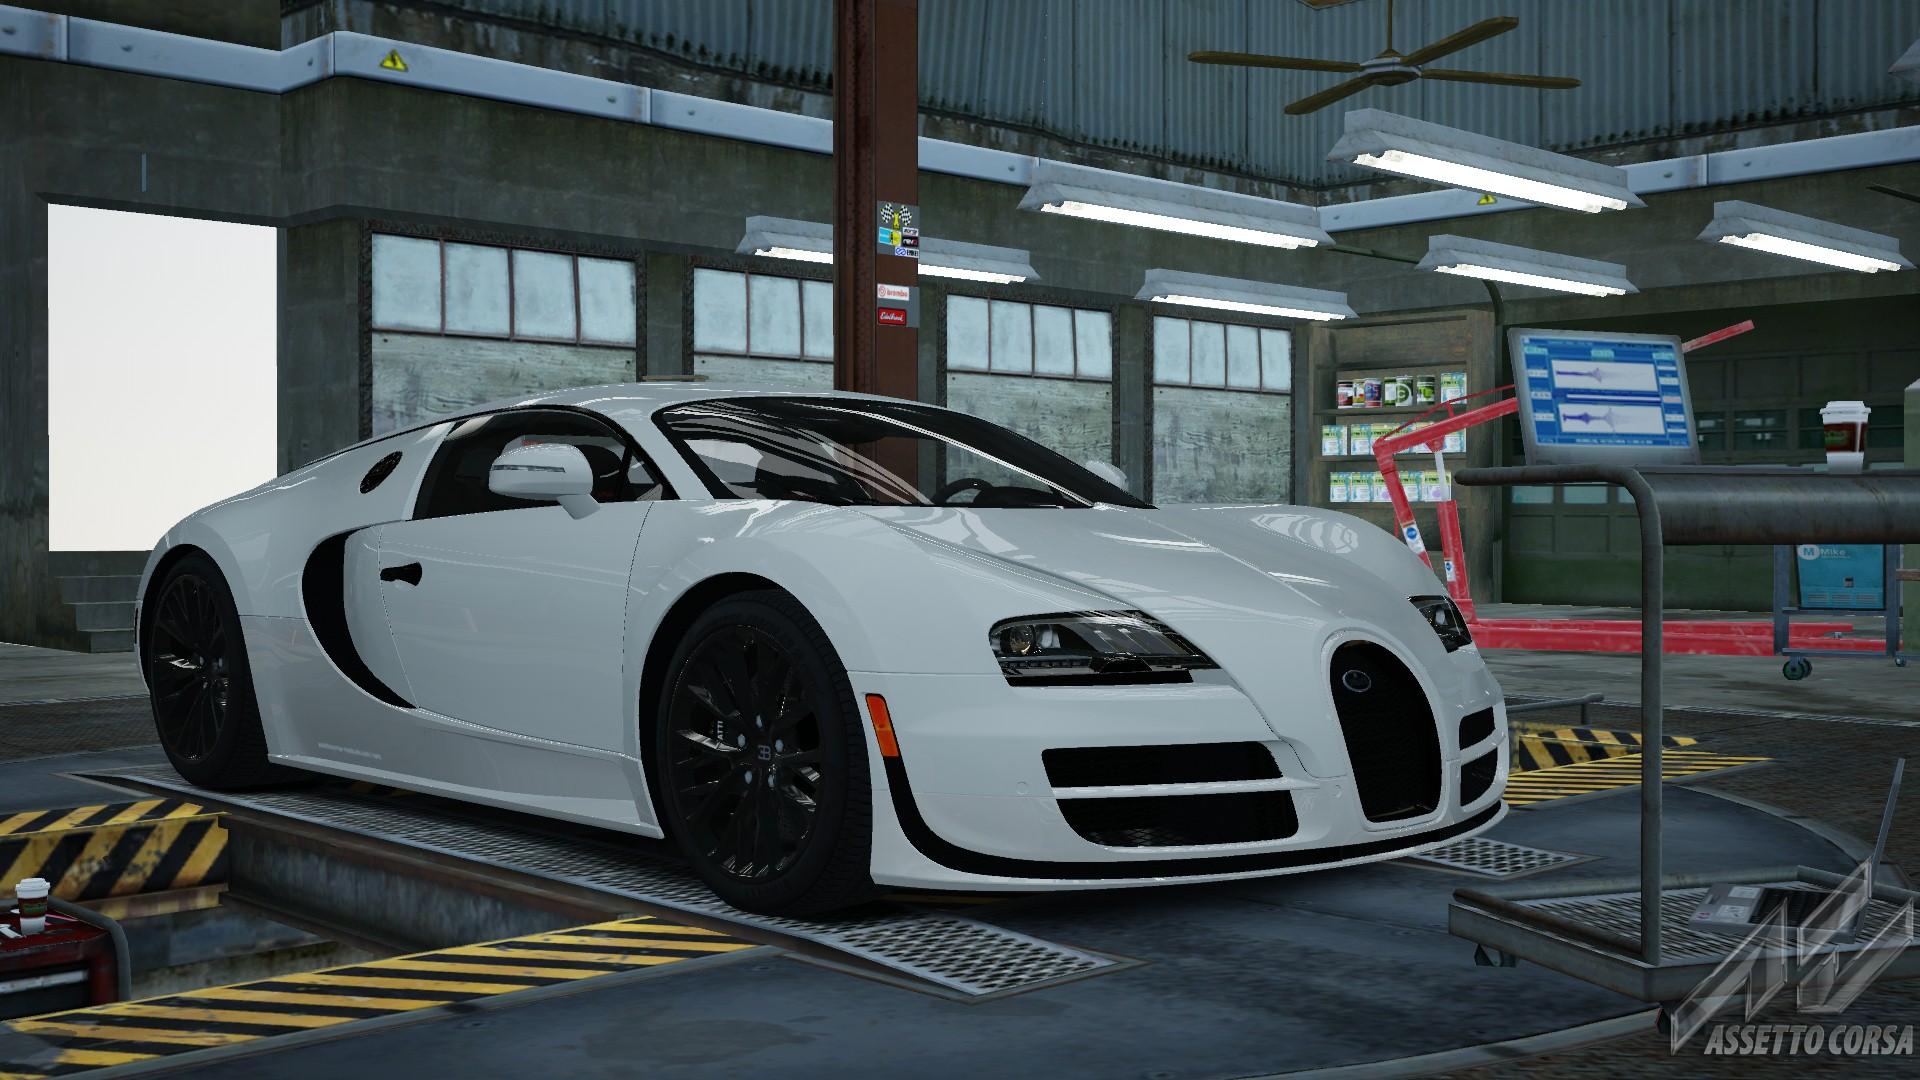 white Stunning Bugatti Veyron Super Sport White Cars Trend